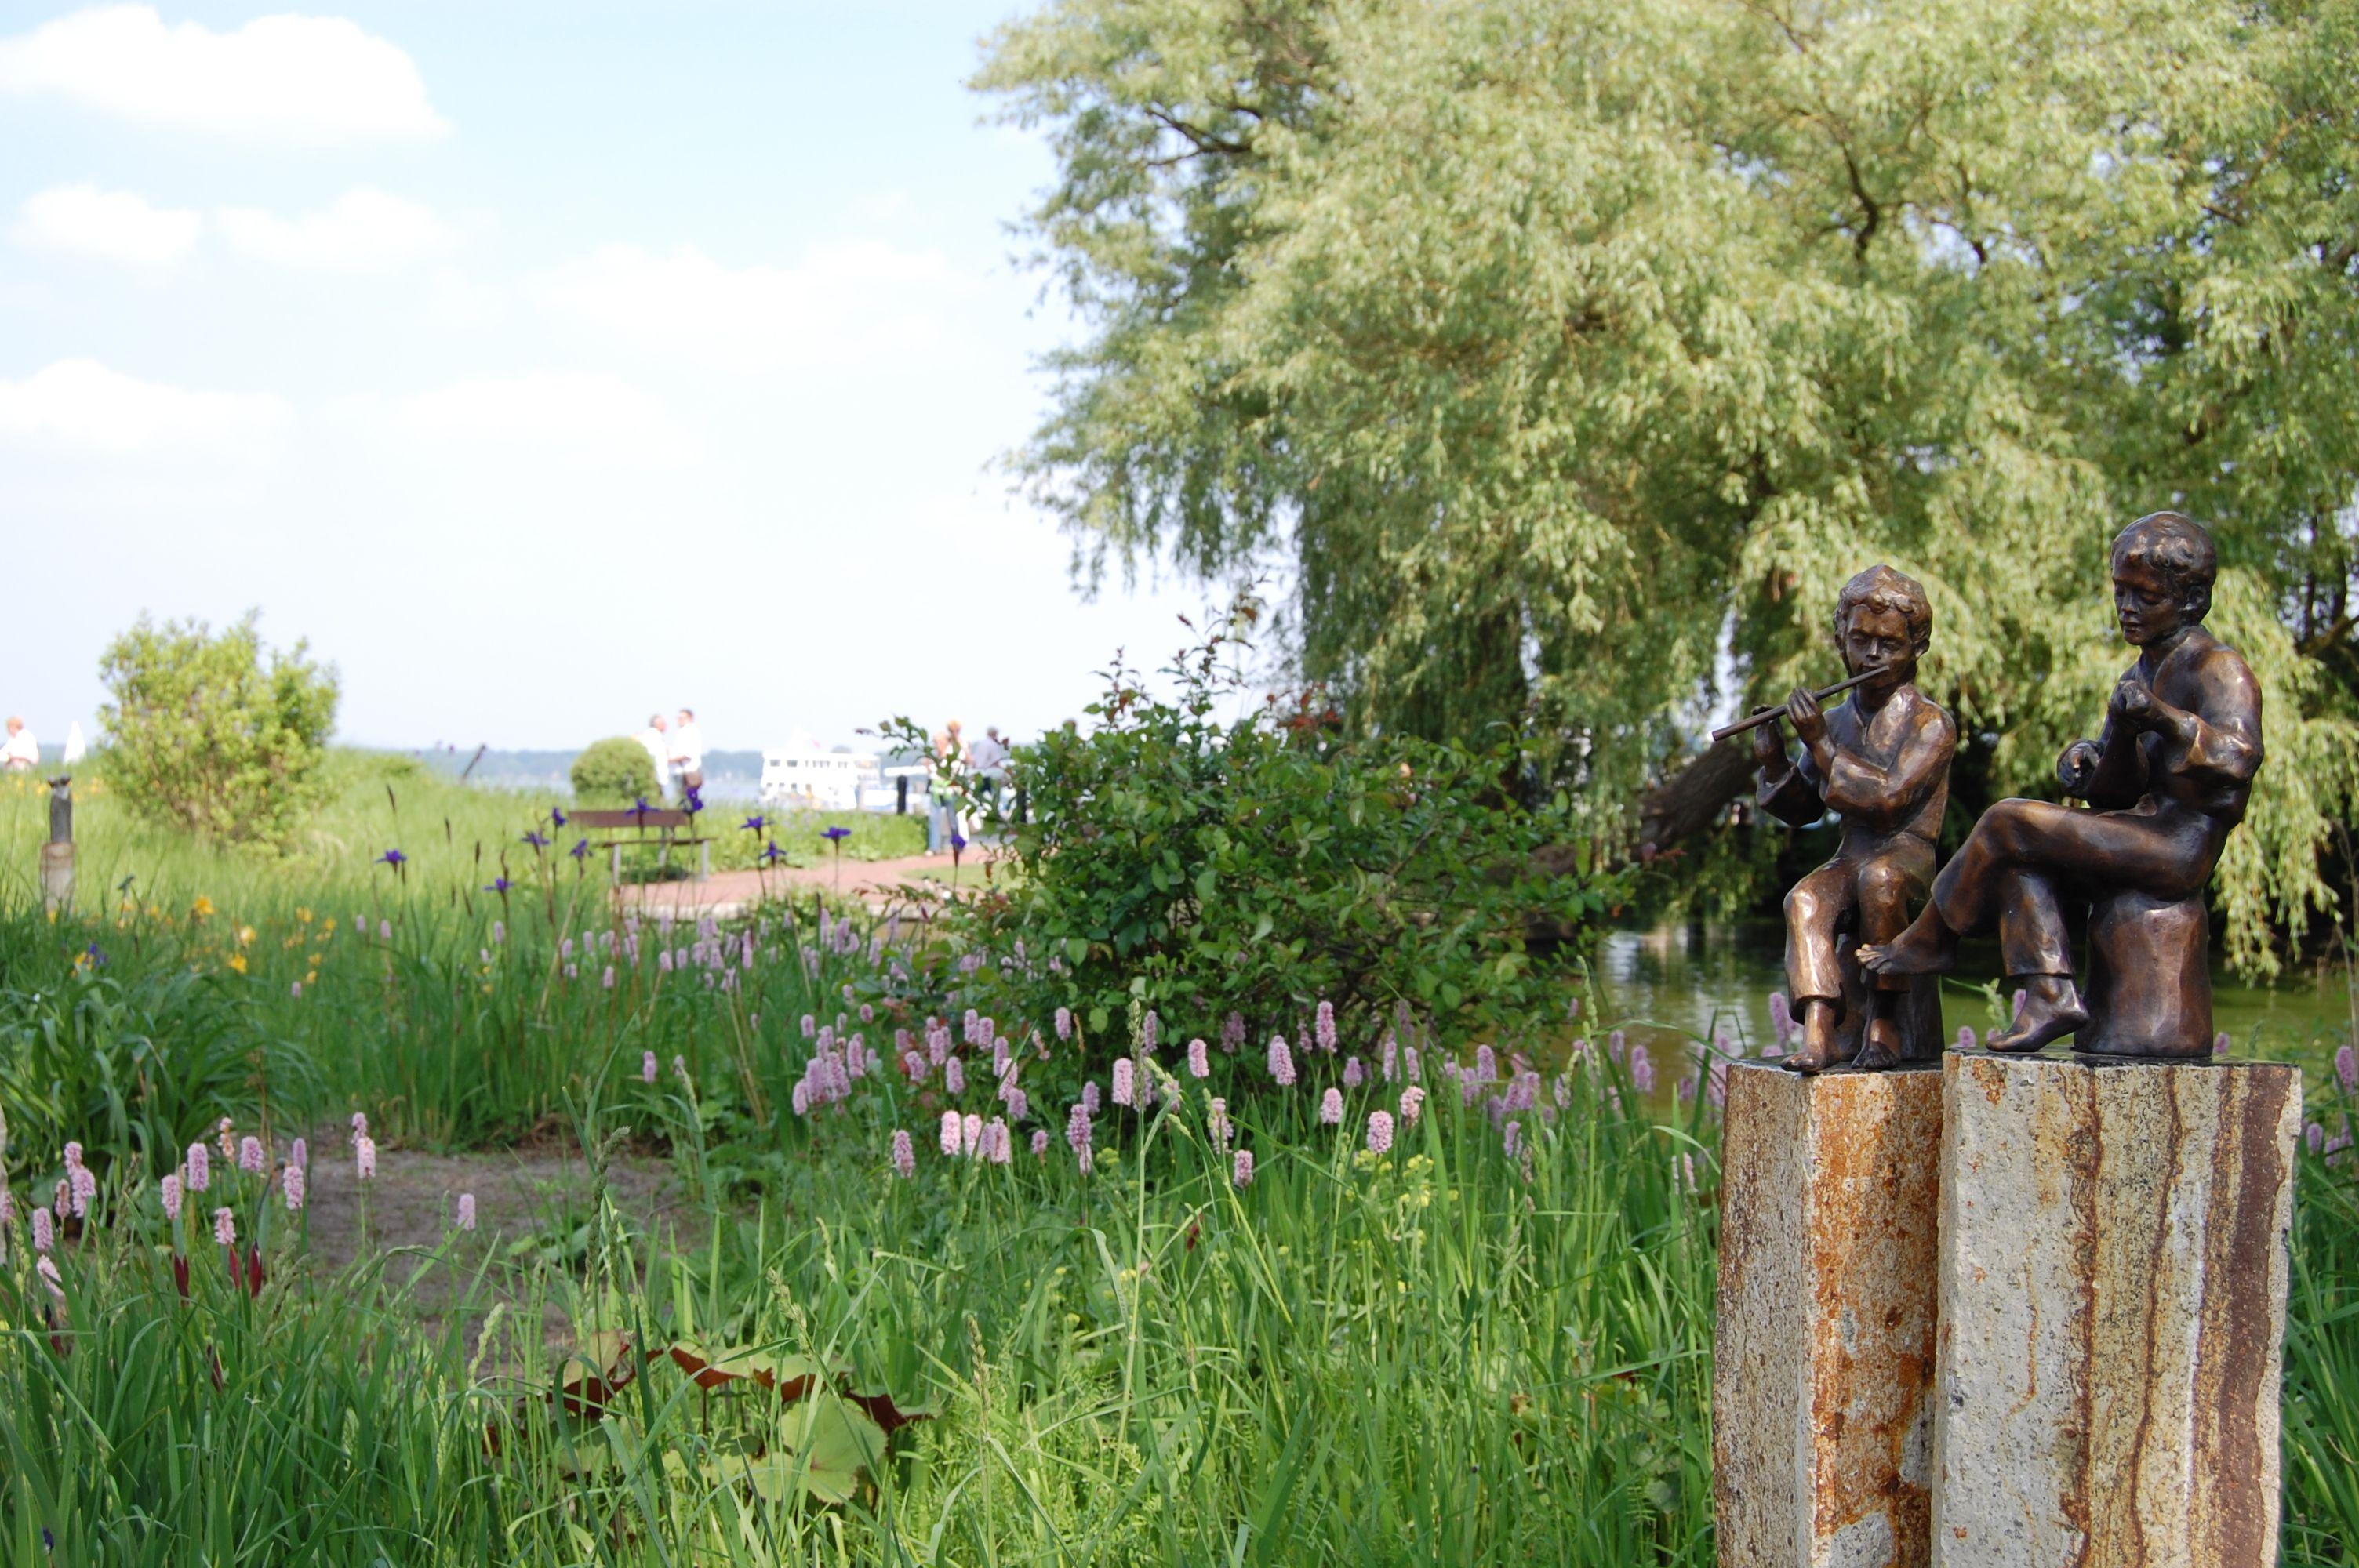 Im Kurpark In Bad Zwischenahn Kann Man Tolle Spaziergange Direkt Am Zwischenahner Meer Machen Ostfriesland Urlaub Ostfriesland Zwischenahner Meer